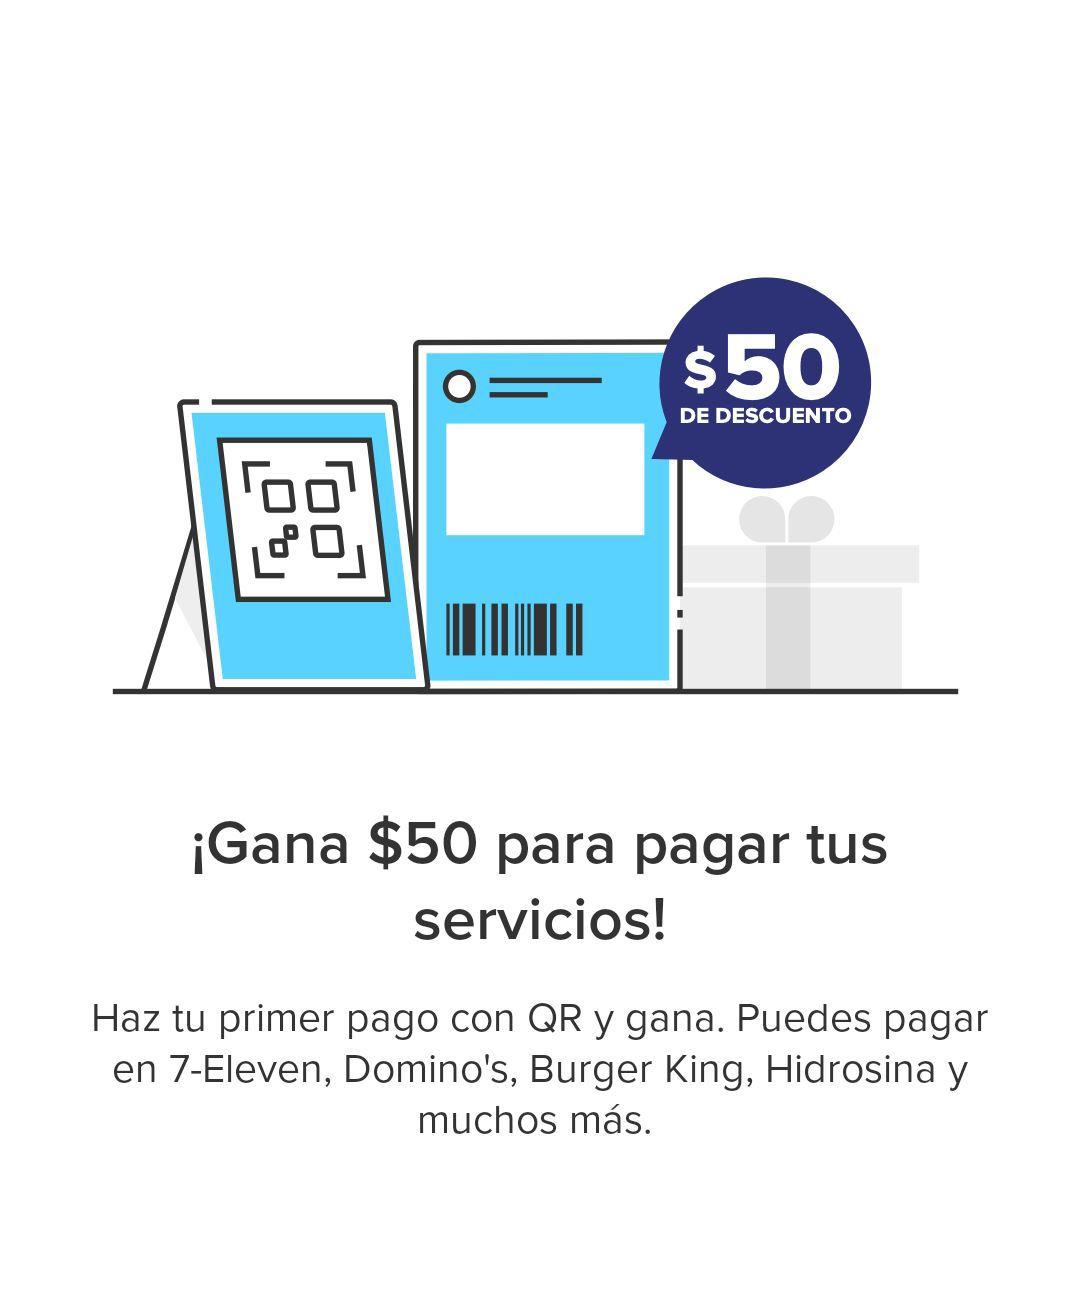 Mercado Pago: $50 de descuento en pagos de servicio a usuarios que hagan su primer pago con QR